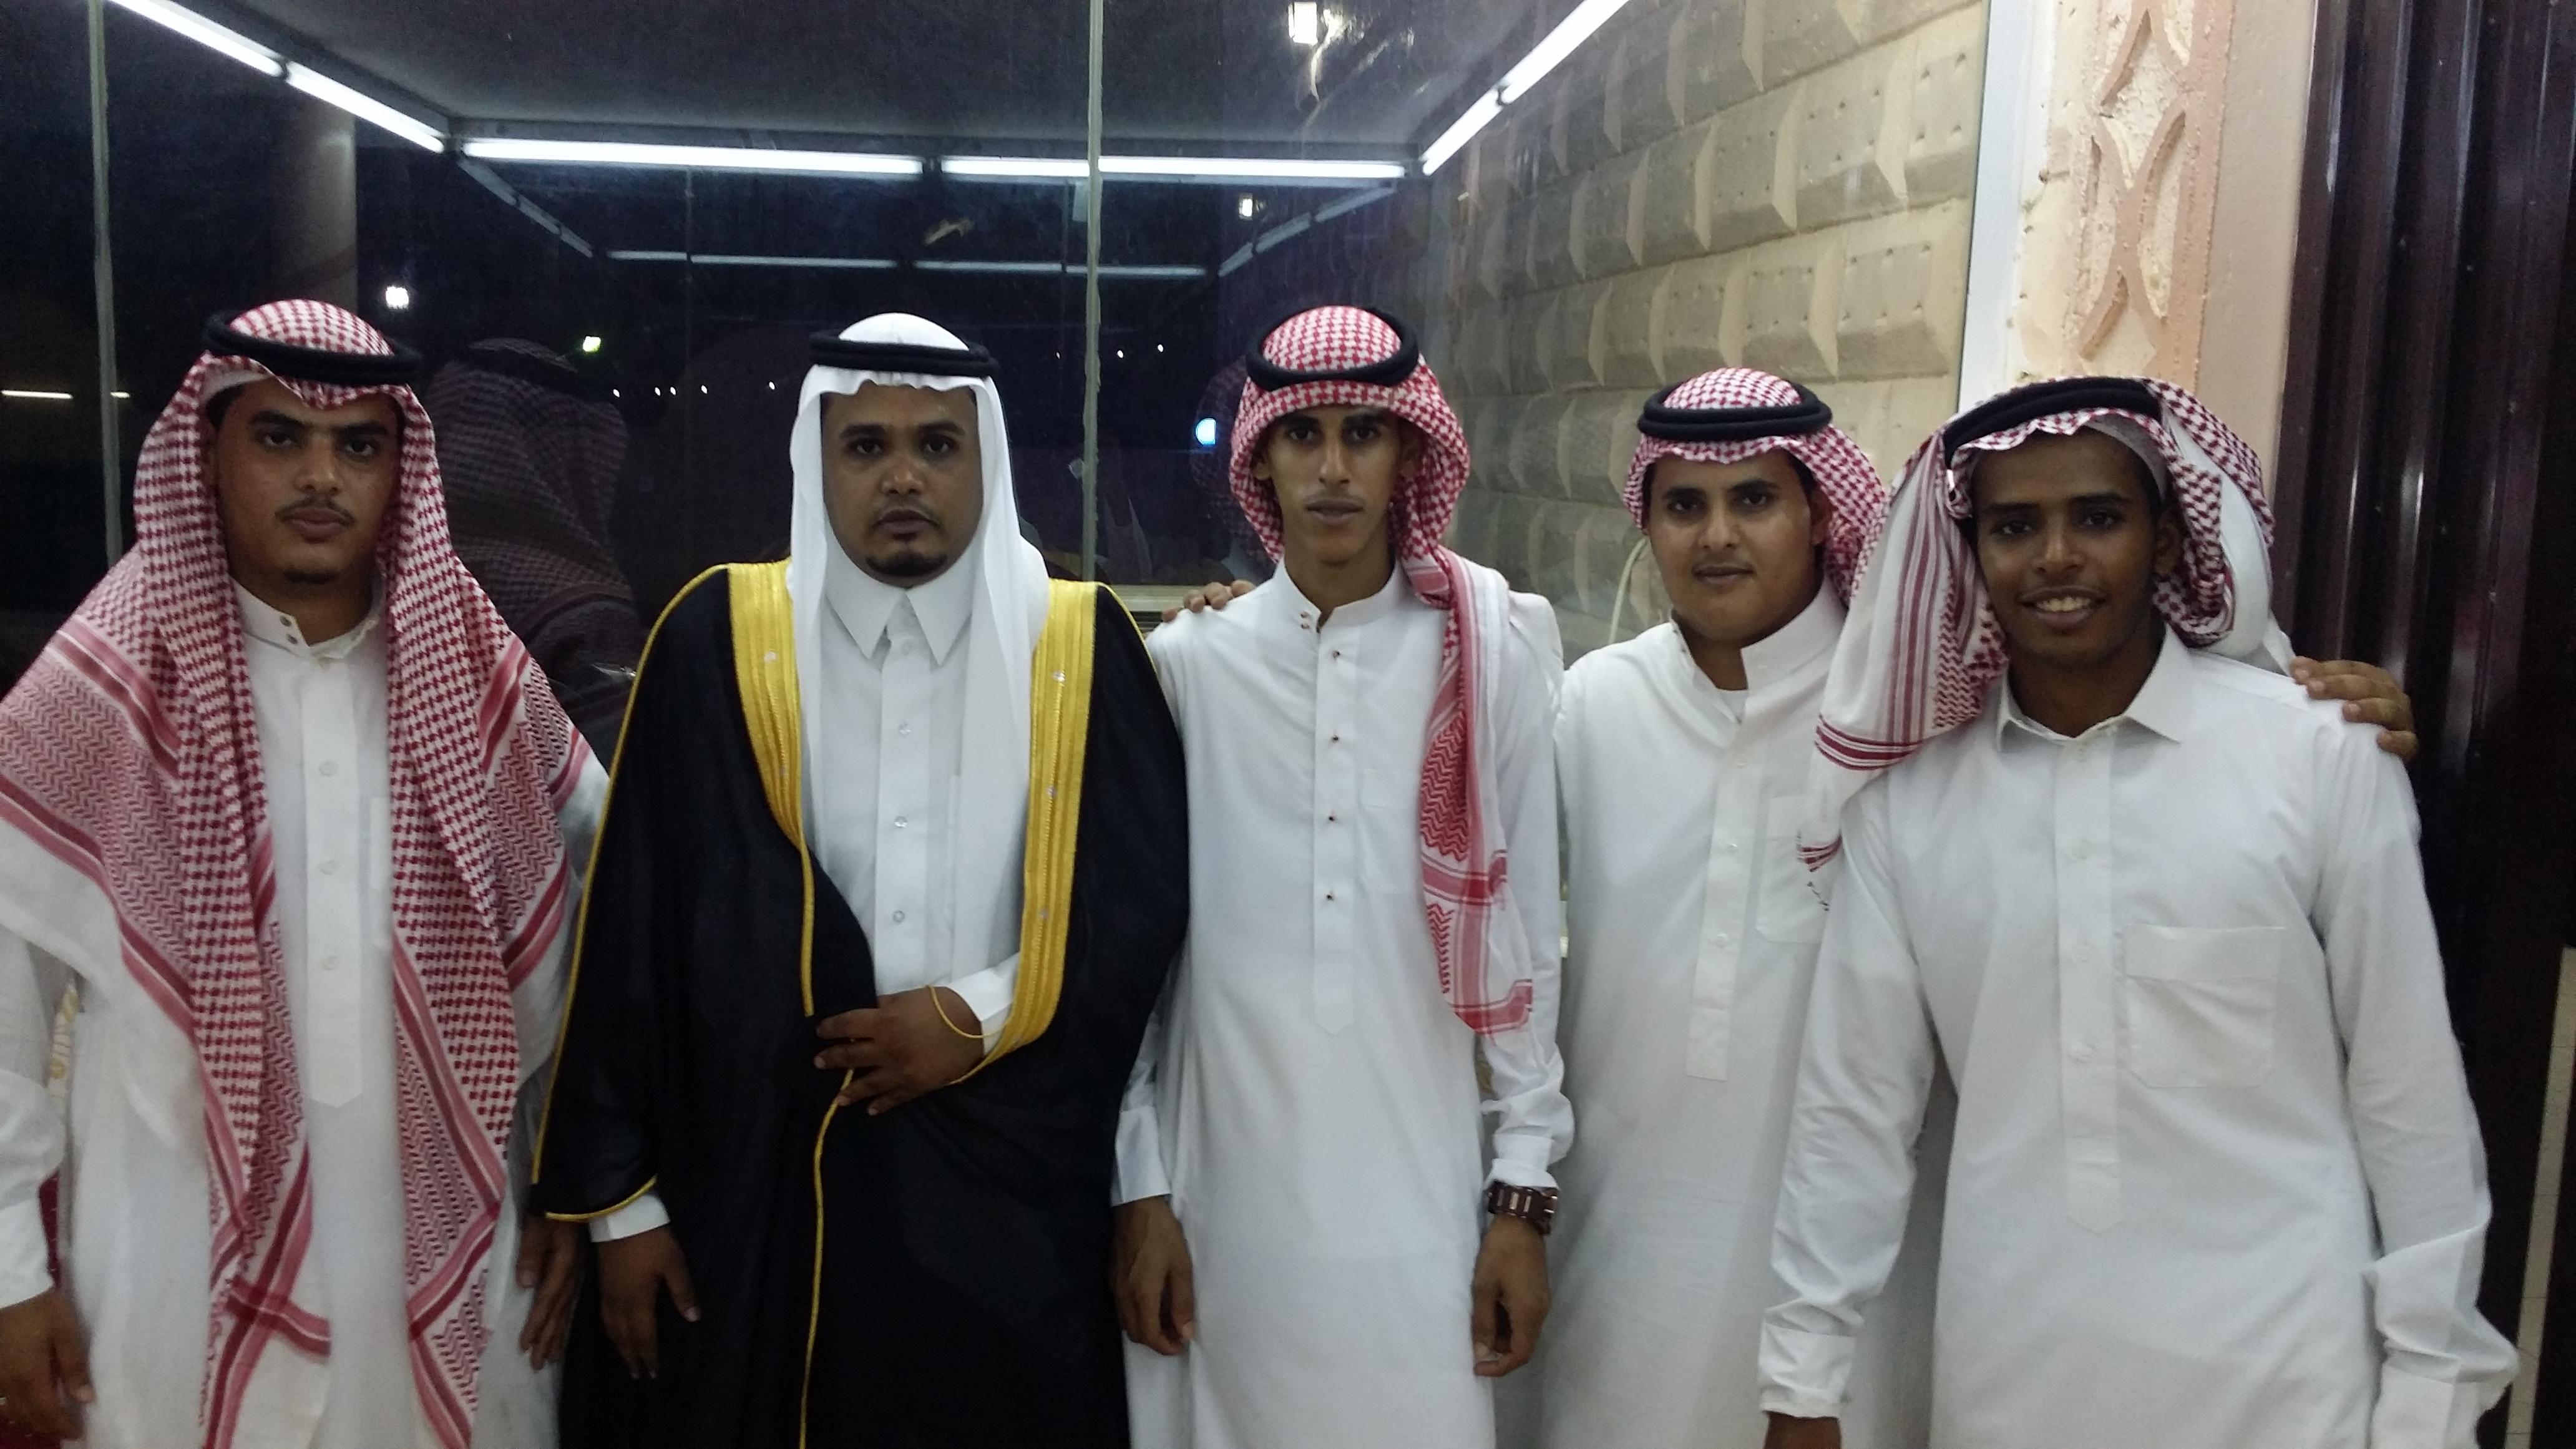 المذارعة تحتفل بزفاف ابنها الشاب عبدالله بـ #أضم - المواطن